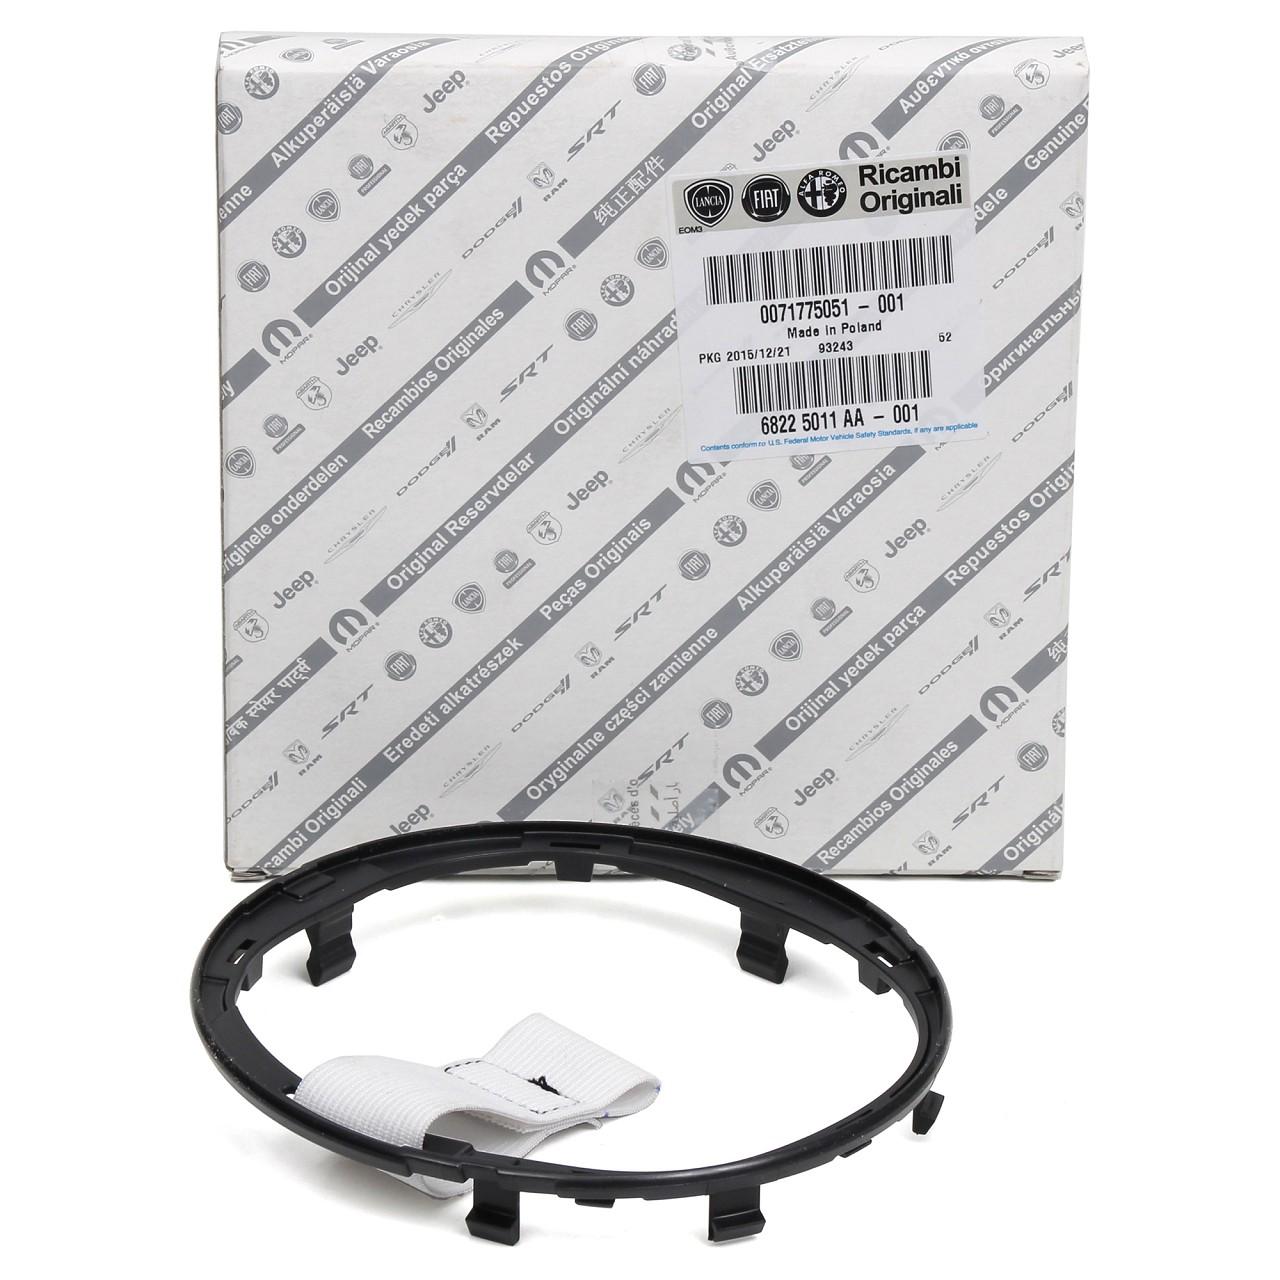 ORIGINAL Fiat 500 Plastikring Befestigungsring Schalthebel Manschette 71775051